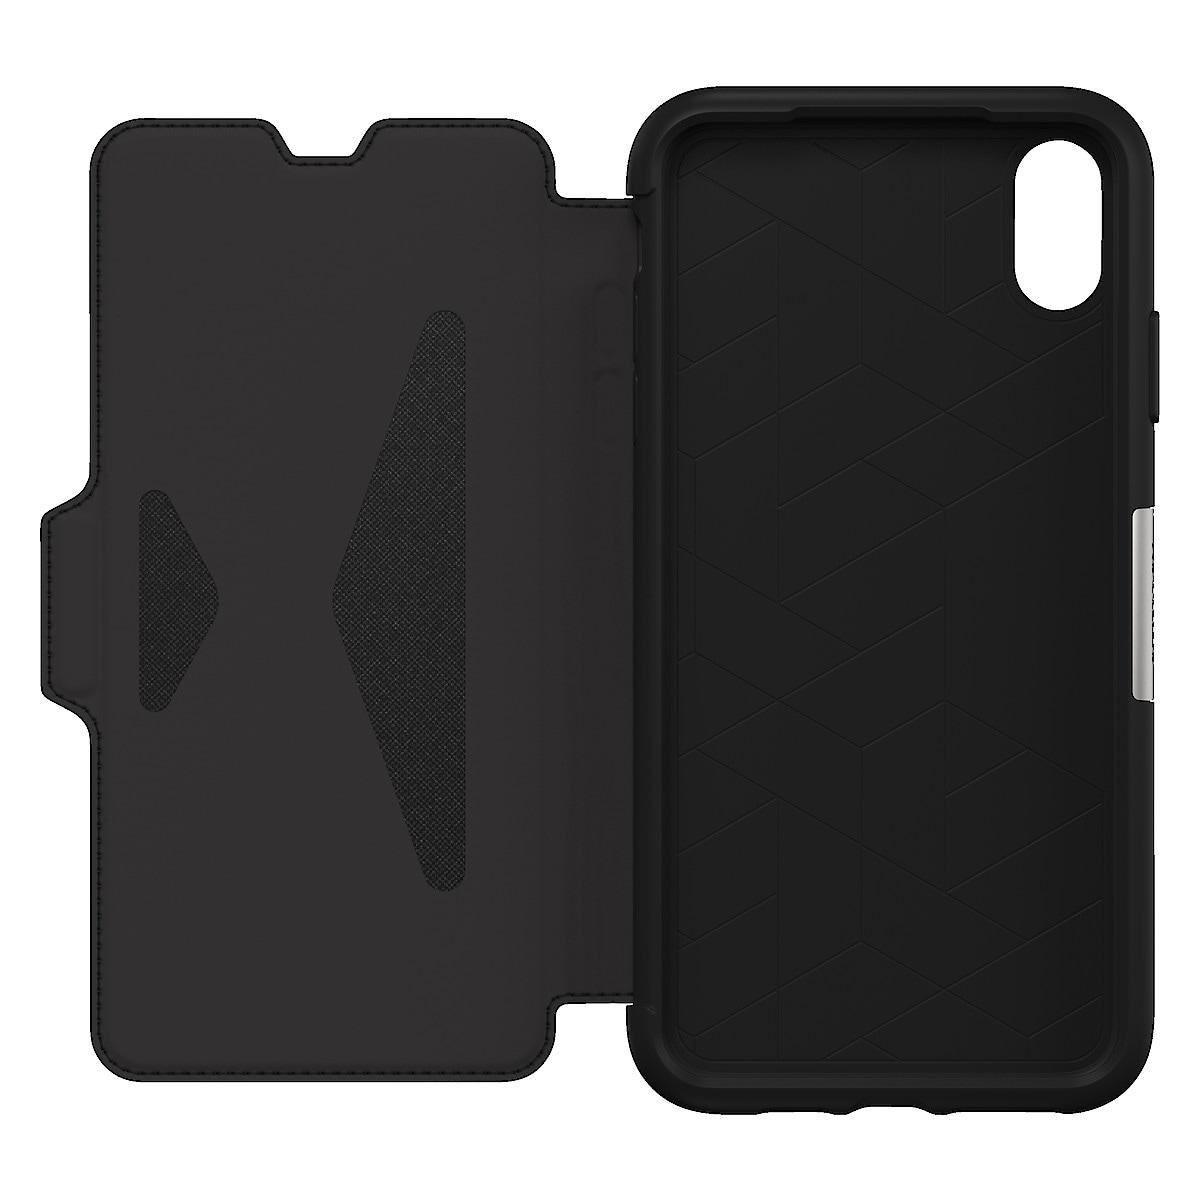 Plånboksfodral för iPhone XS Max, Otterbox Strada